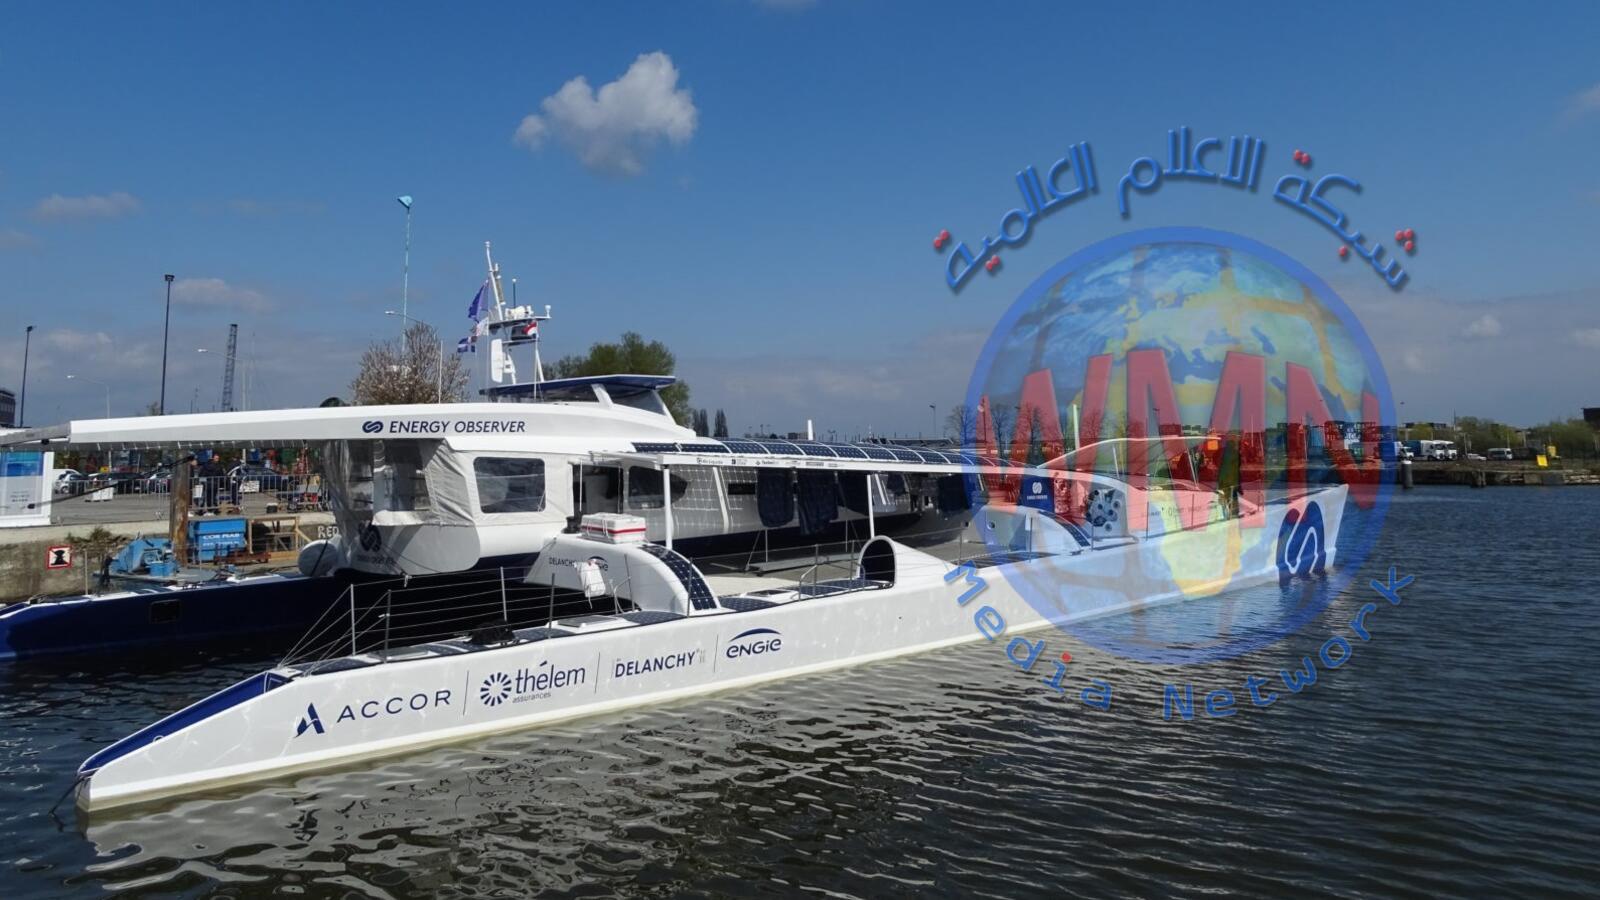 أول قارب هيدروجيني في العالم يبحر إلى أمستردام